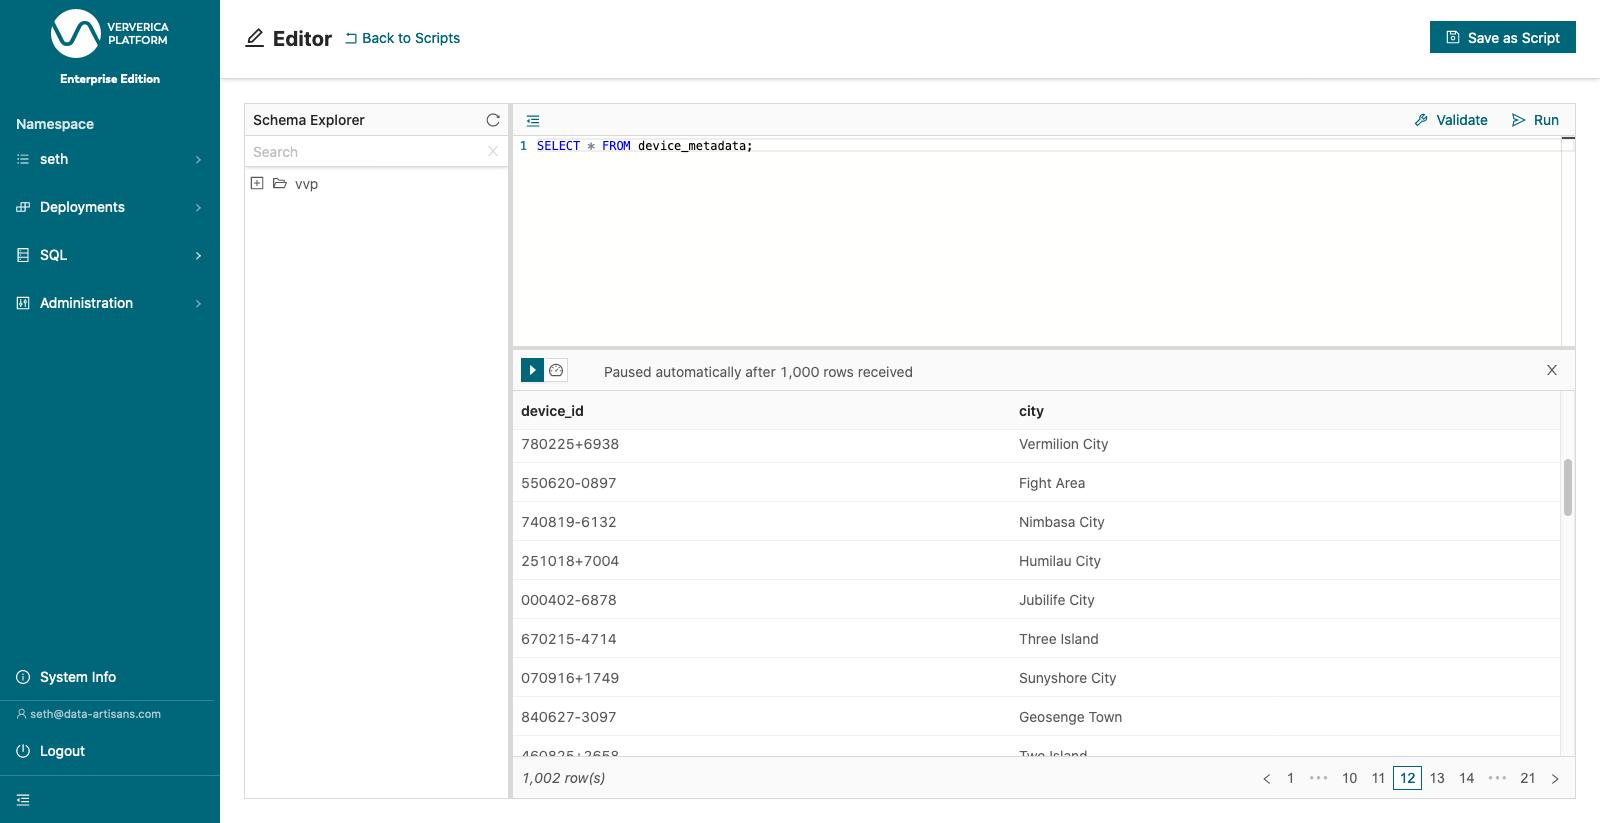 Execute a SELECT query over device_metadata